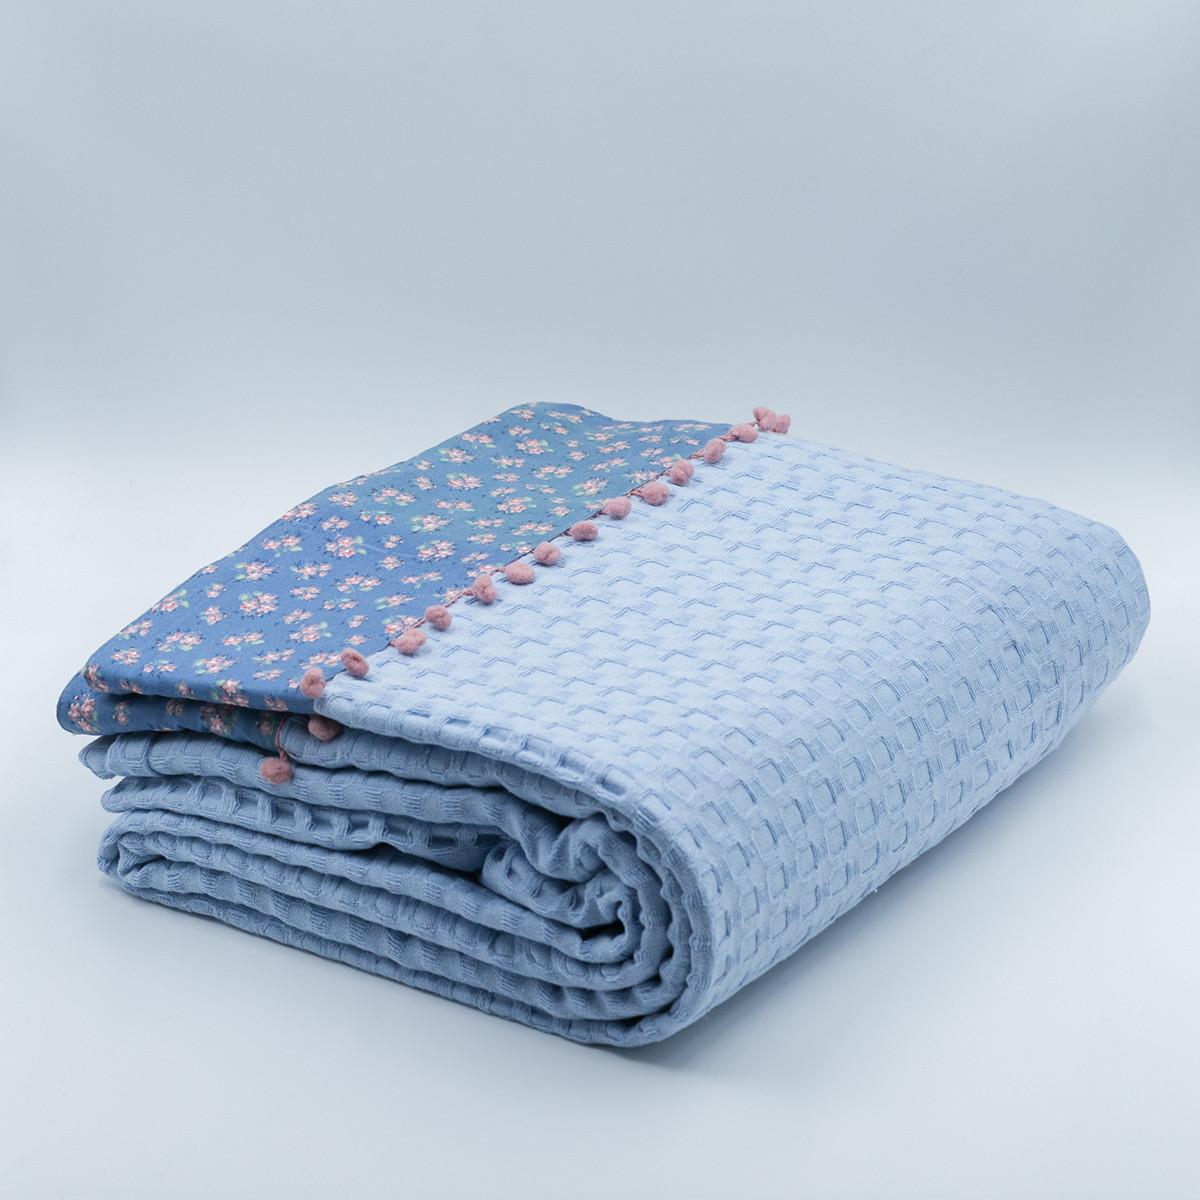 Κουβέρτες - Κουβέρτες Πικέ